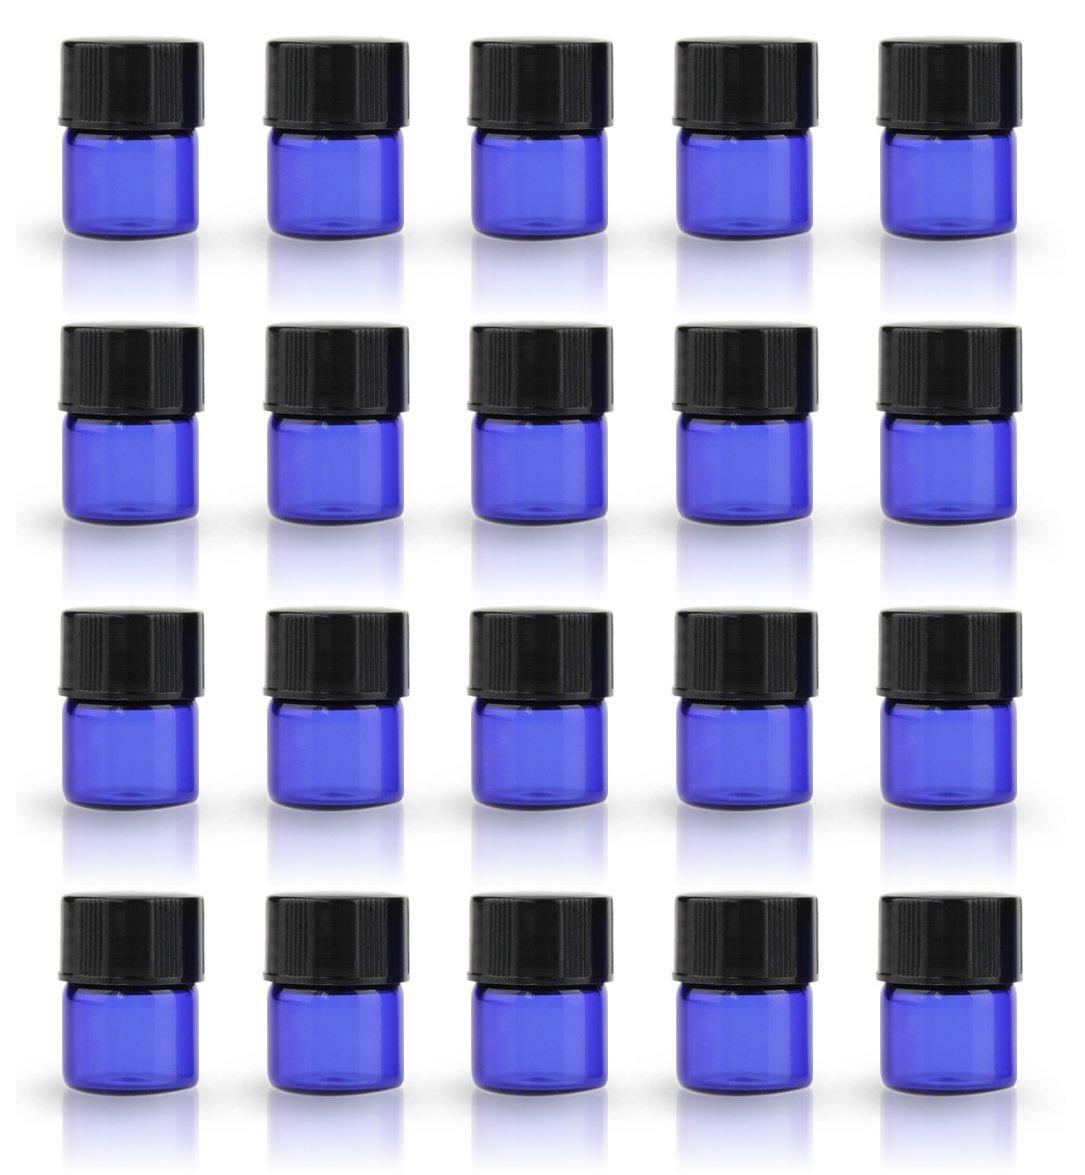 人気商品の ZbFwmx 1 Blue-100-Pack/4ドラムアンバー コバルトブルー ミニガラスボトル 小瓶 小瓶 サンプルバイアルオリフィス減少 ブラックキャップ Blue-100-Pack B077L4WMH6 Blue-100-Pack Blue-100-Pack, クセチョウ:a5e965ce --- egreensolutions.ca